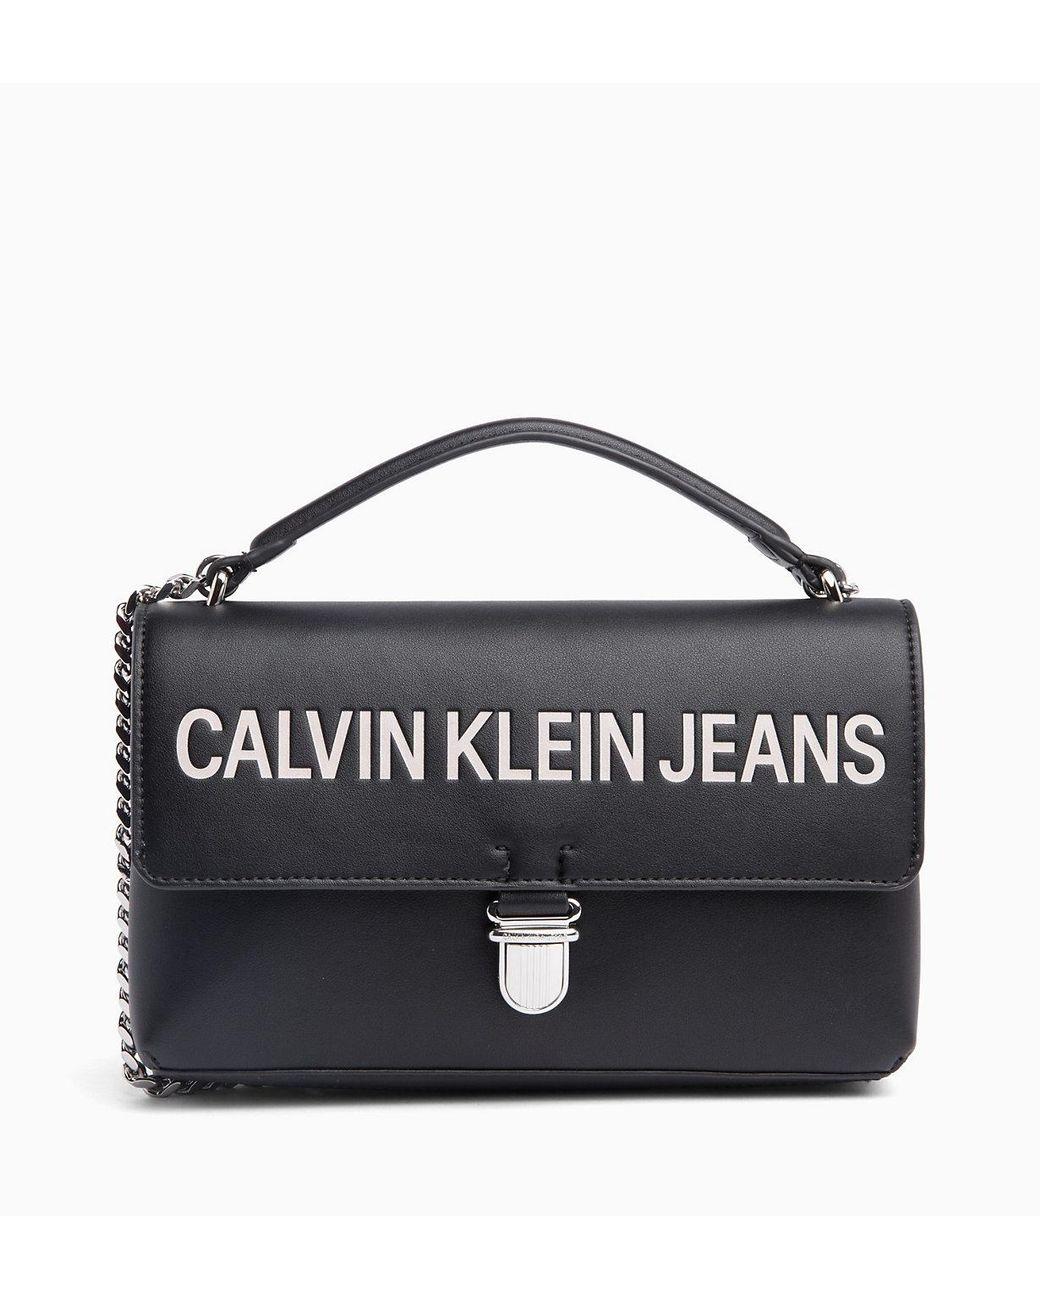 77e48f866de Calvin Klein Logo Flap Cross Body Bag in Black - Lyst